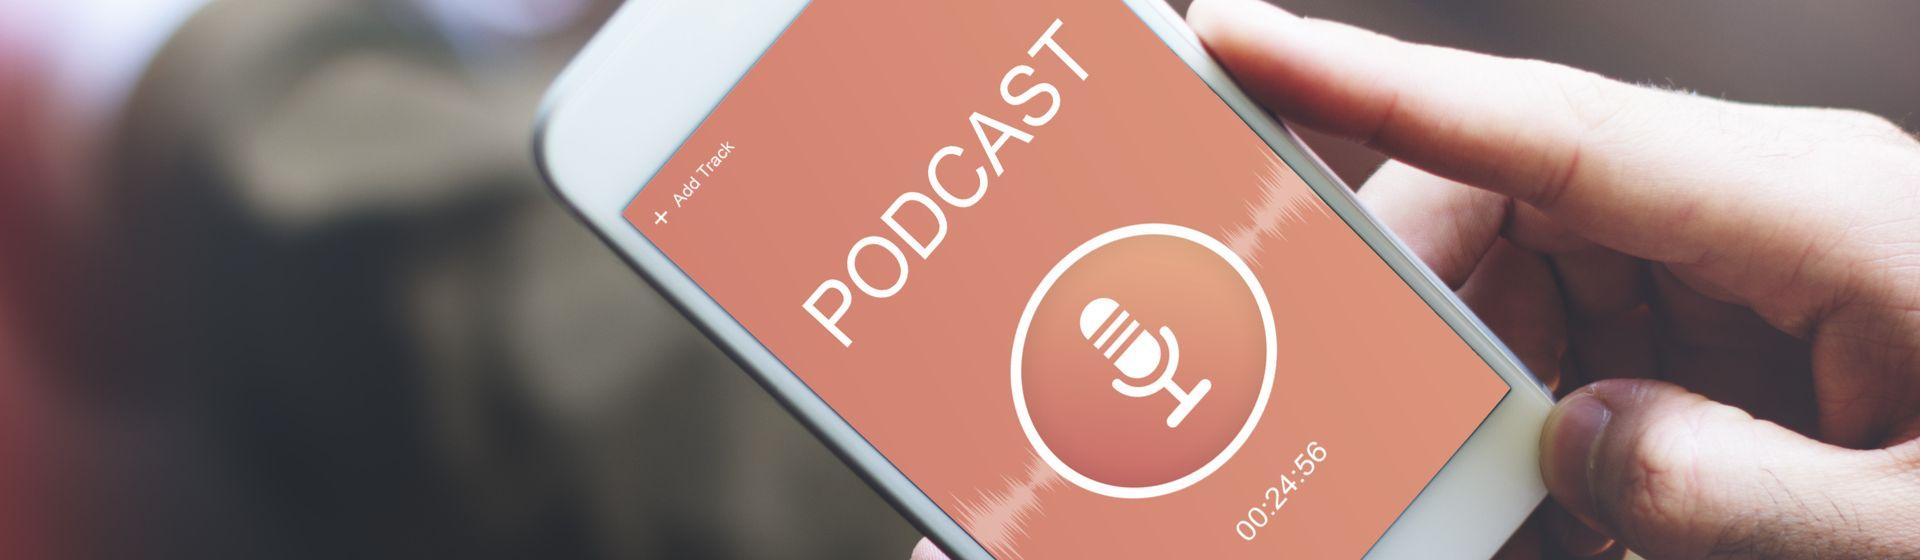 Como fazer um podcast pelo celular?